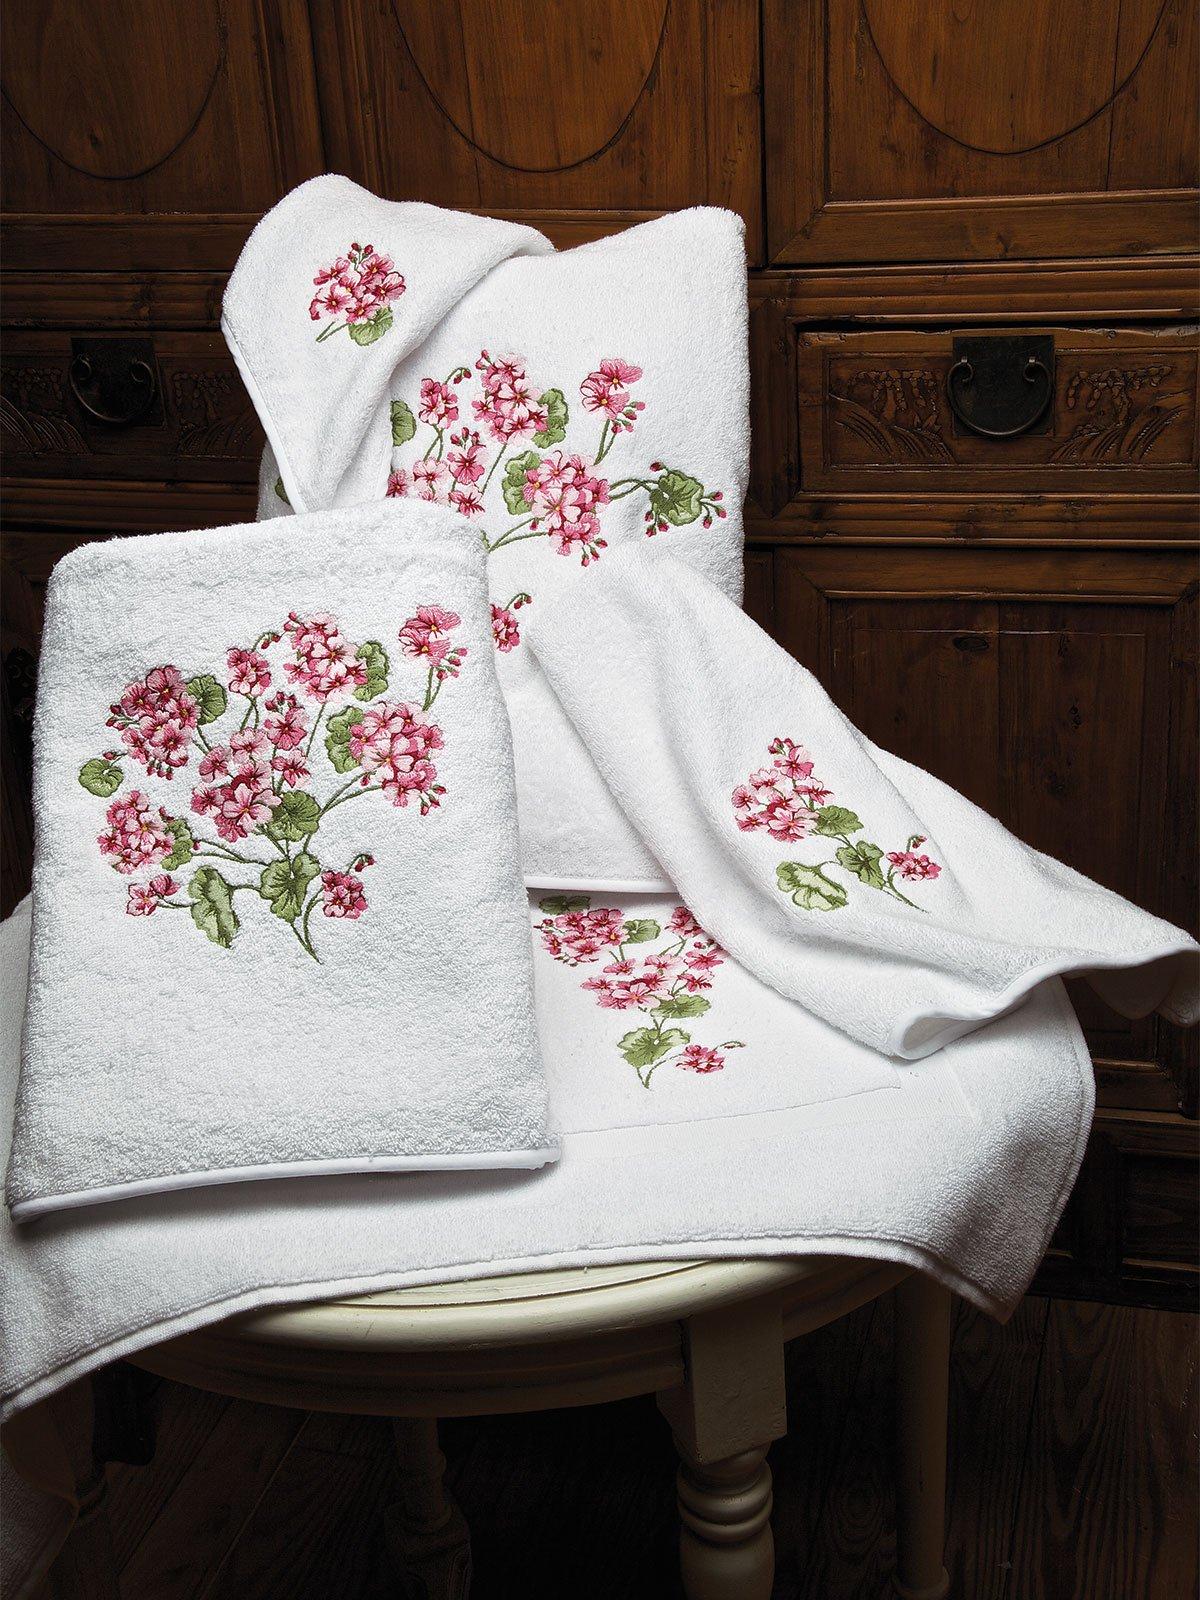 Geranium Towels Luxury Bath Linen Schweitzer Linen